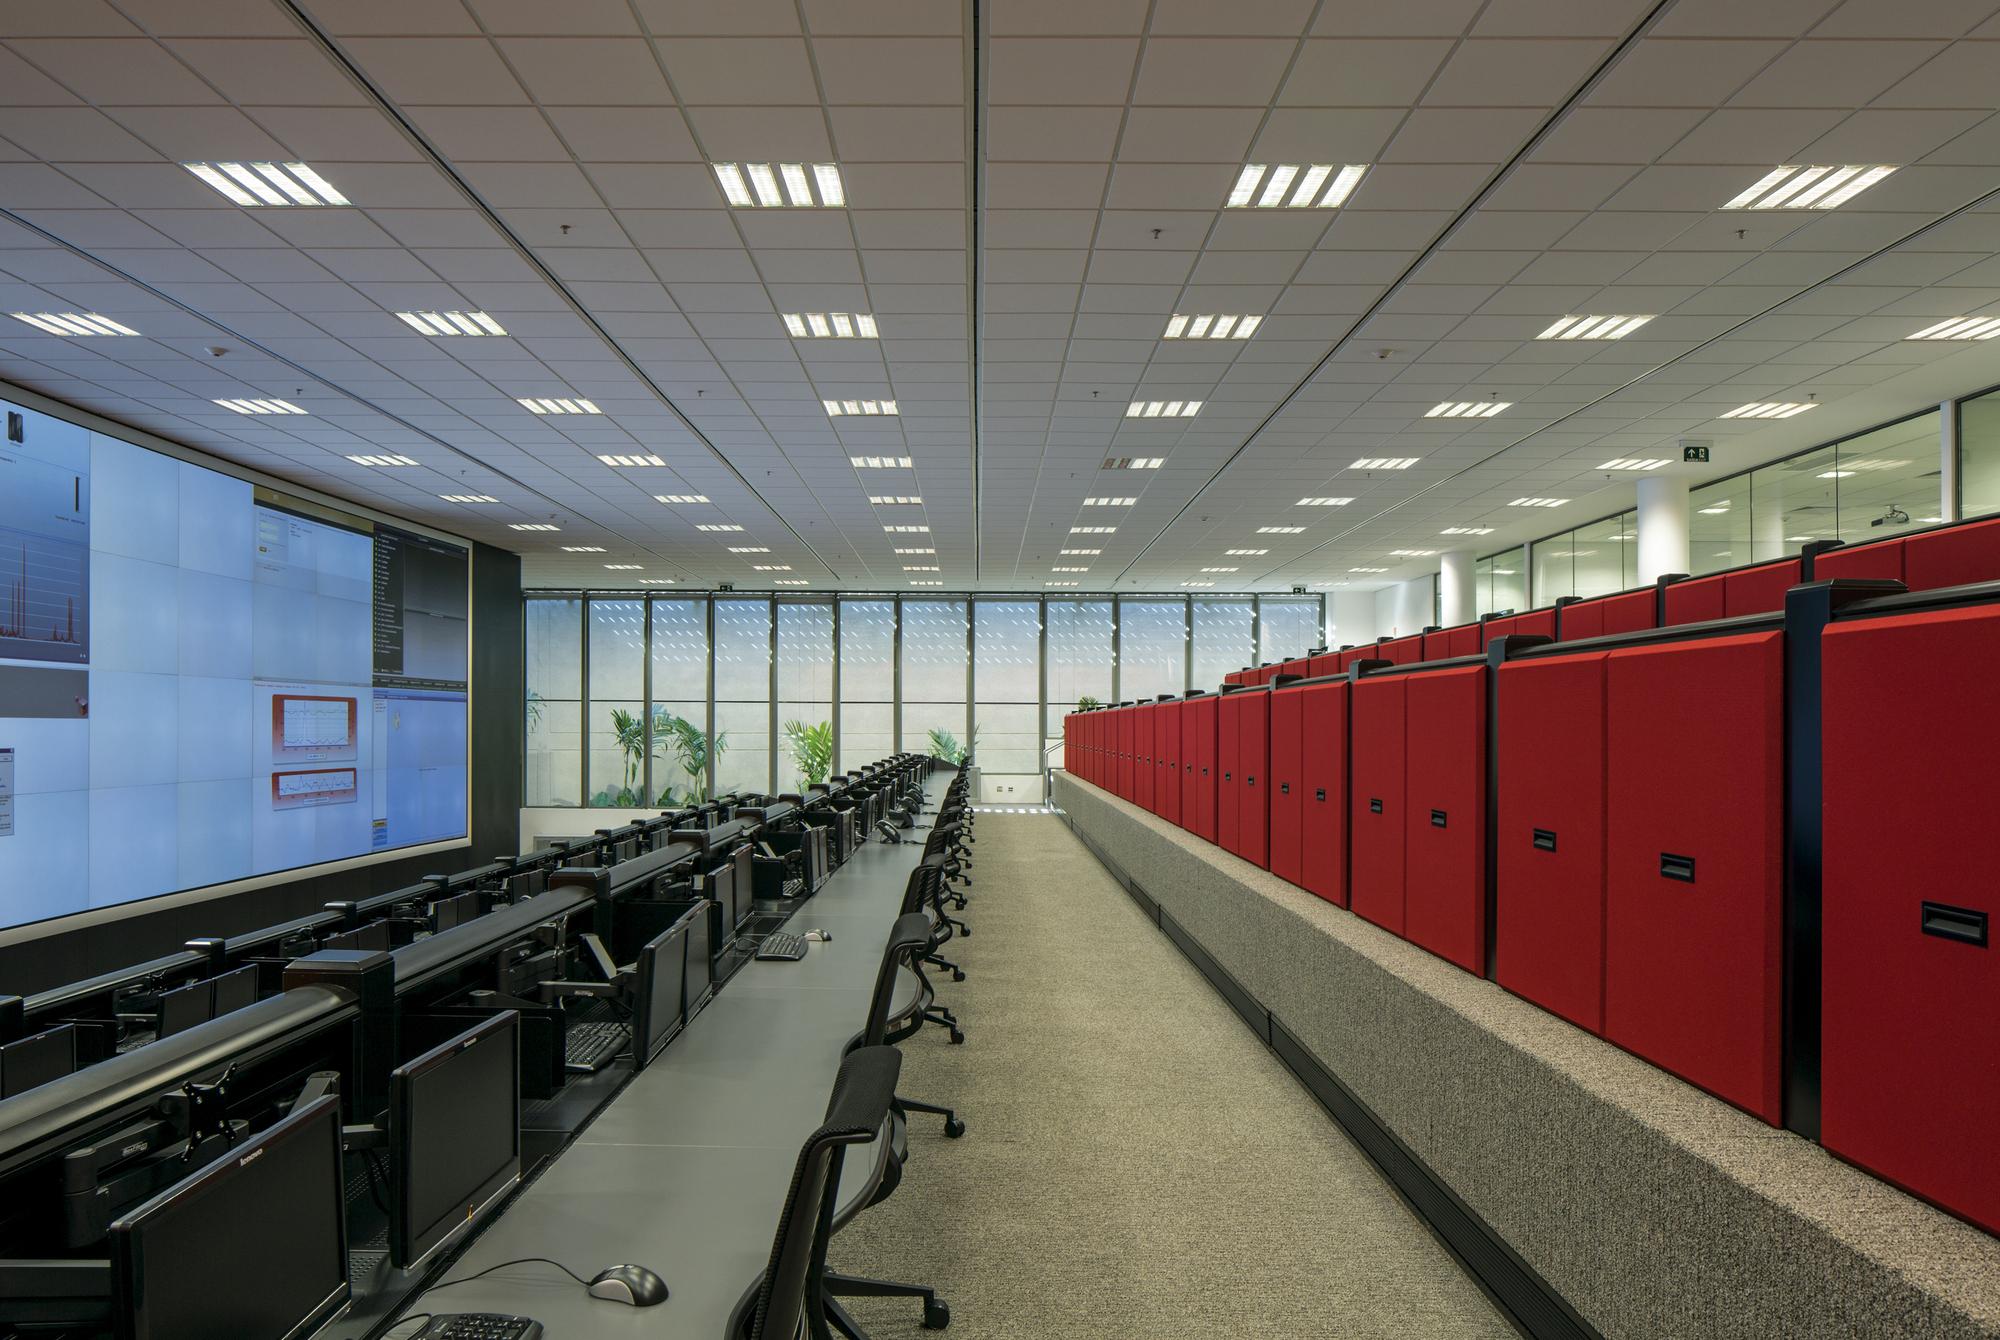 05 Data Center 09.jpg